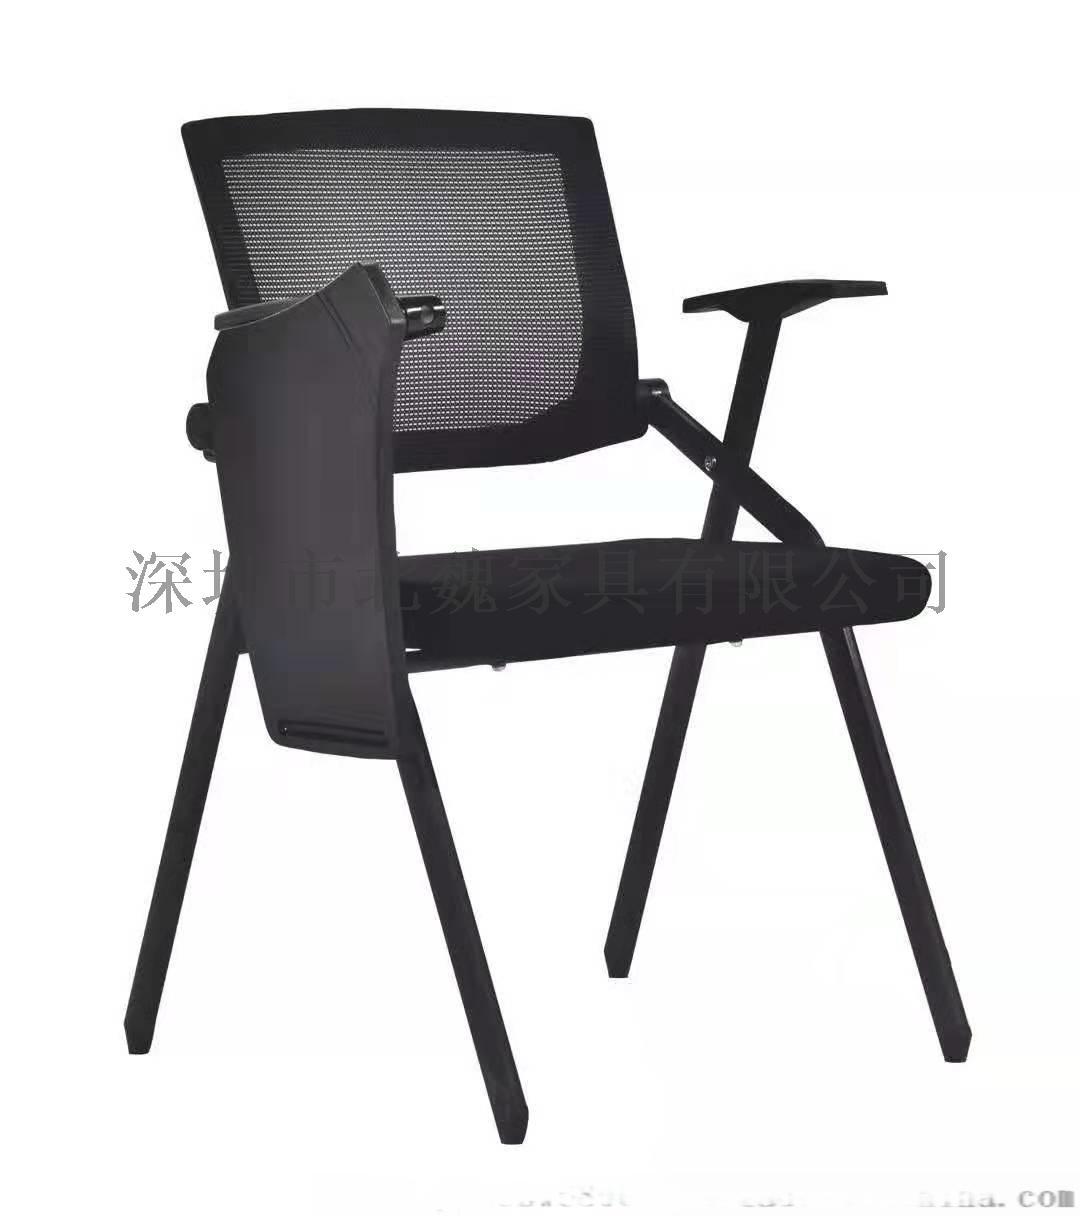 智慧学习桌椅-互动课堂桌椅-培训桌学习桌122959175